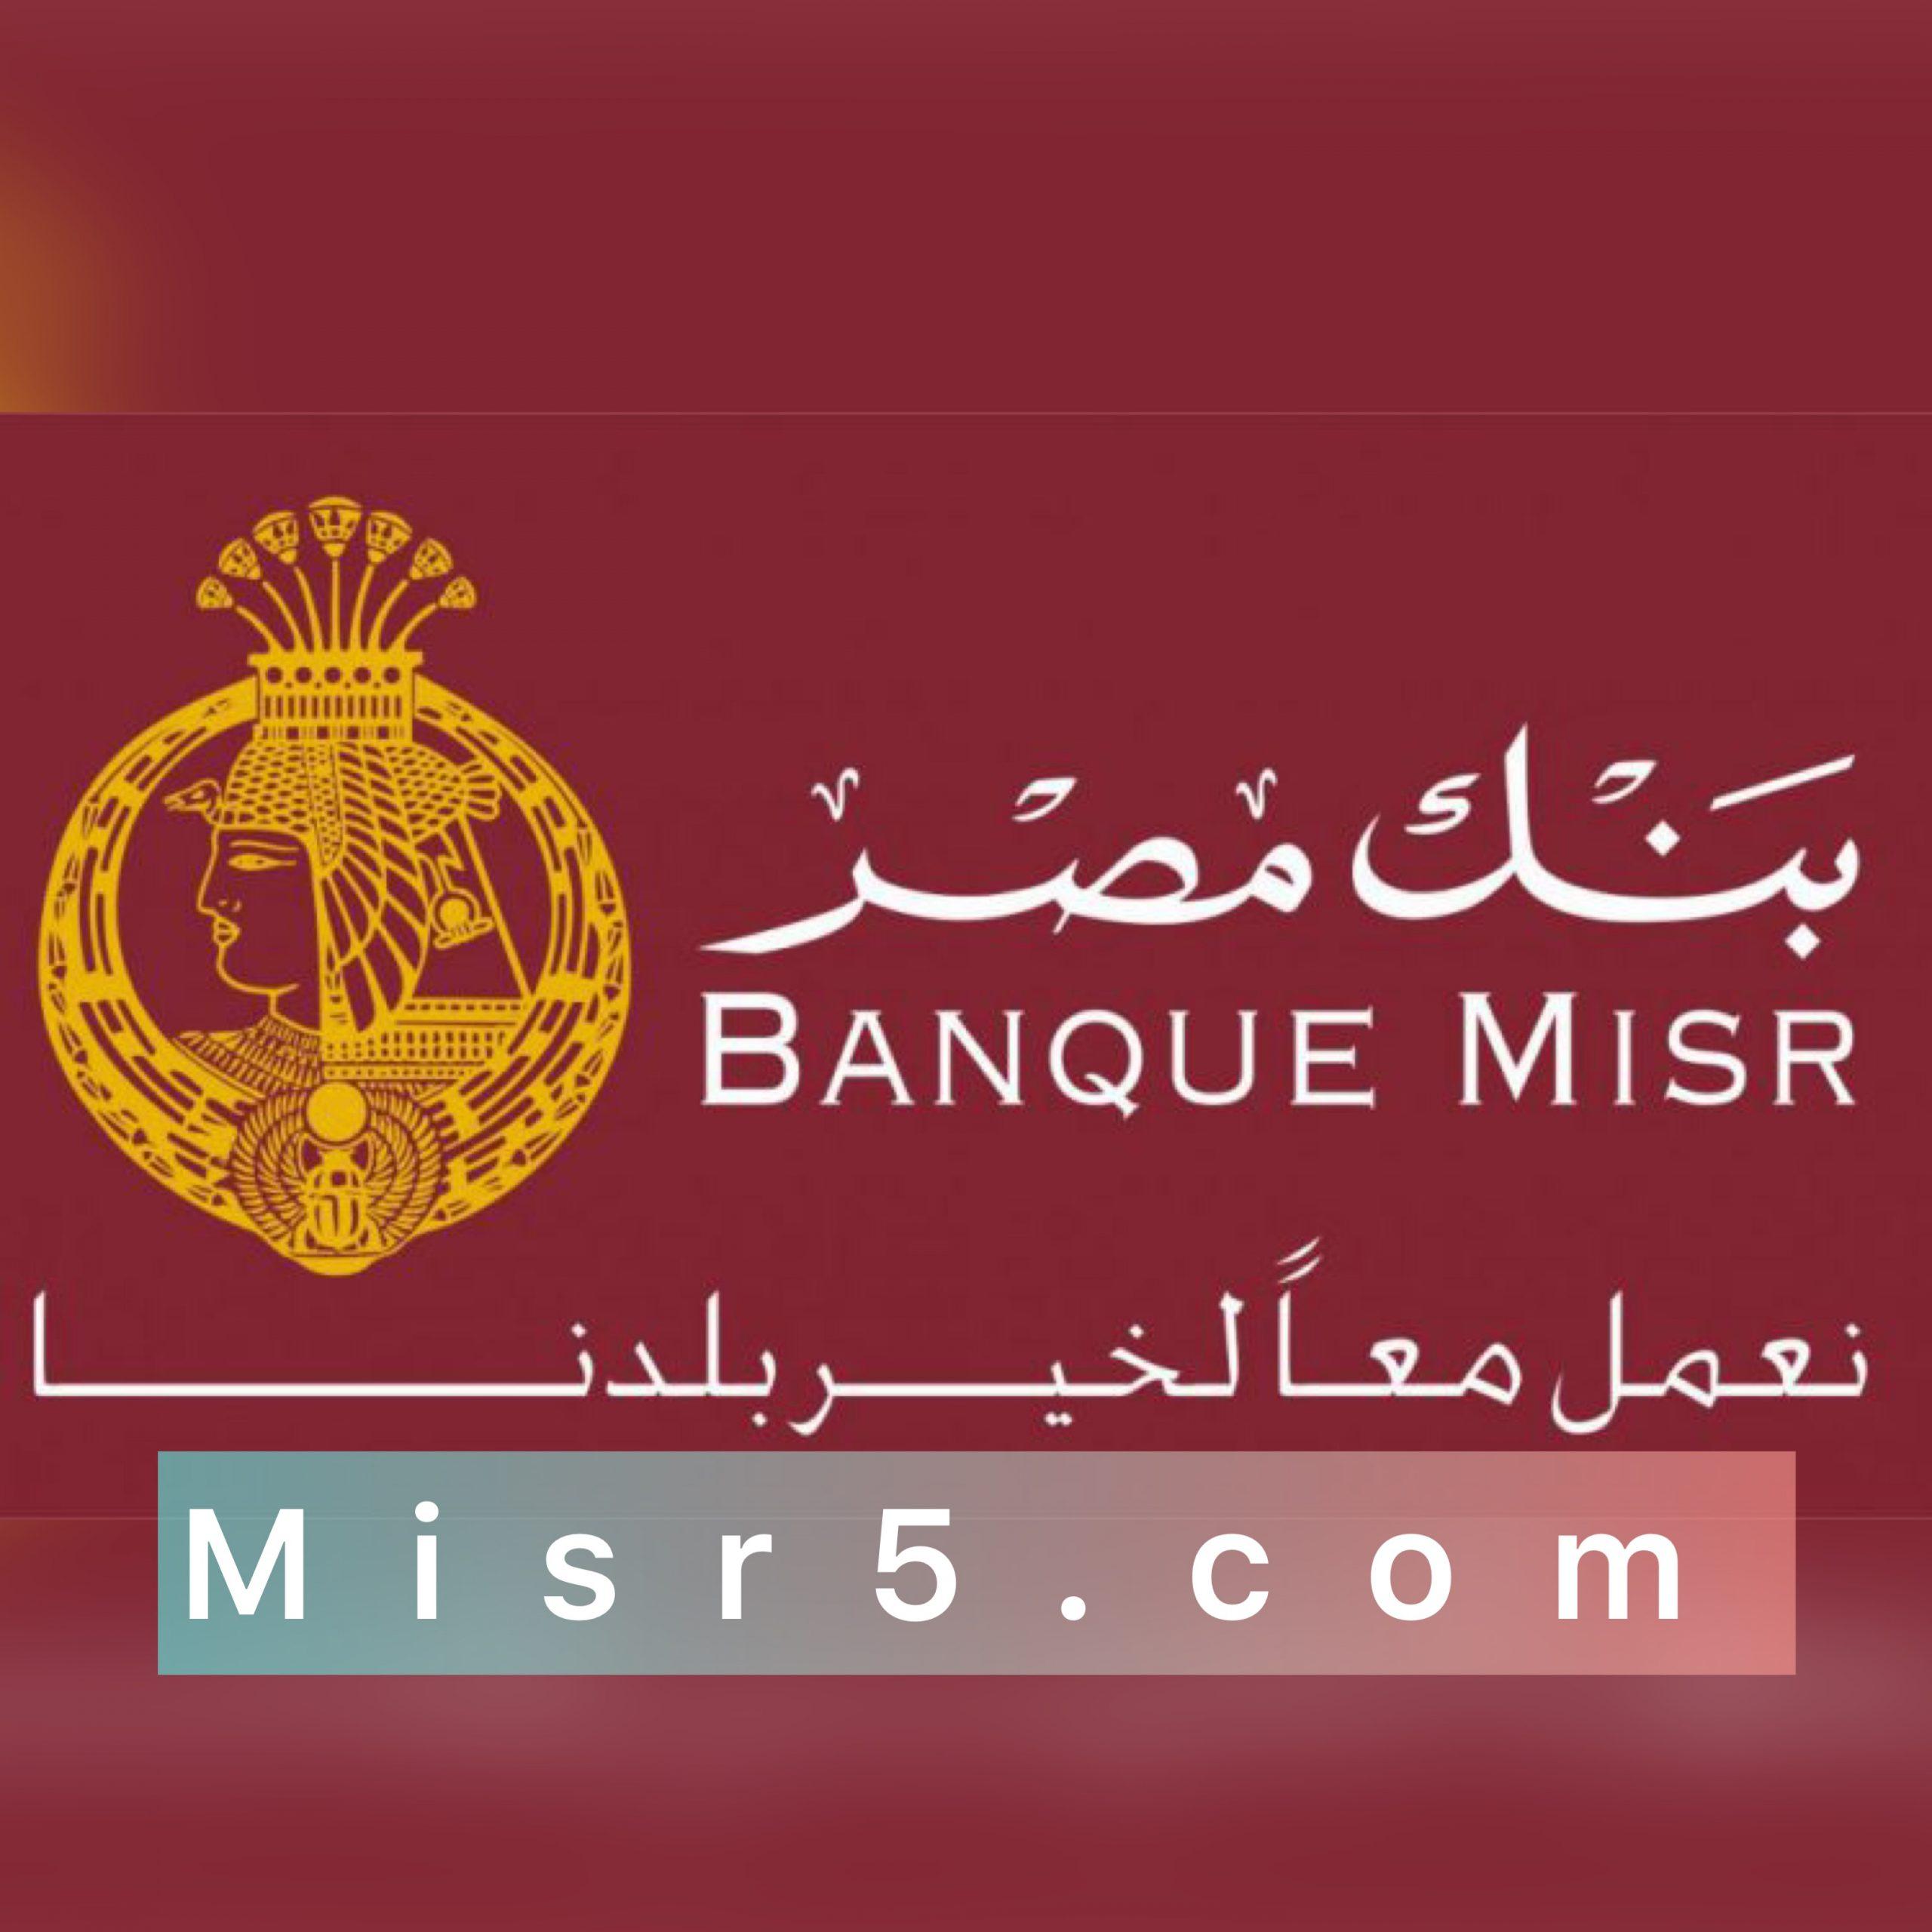 جديد بنك مصر| إطلاق شهادة الادخار الثلاثية لها عائد شهري متغير 2021